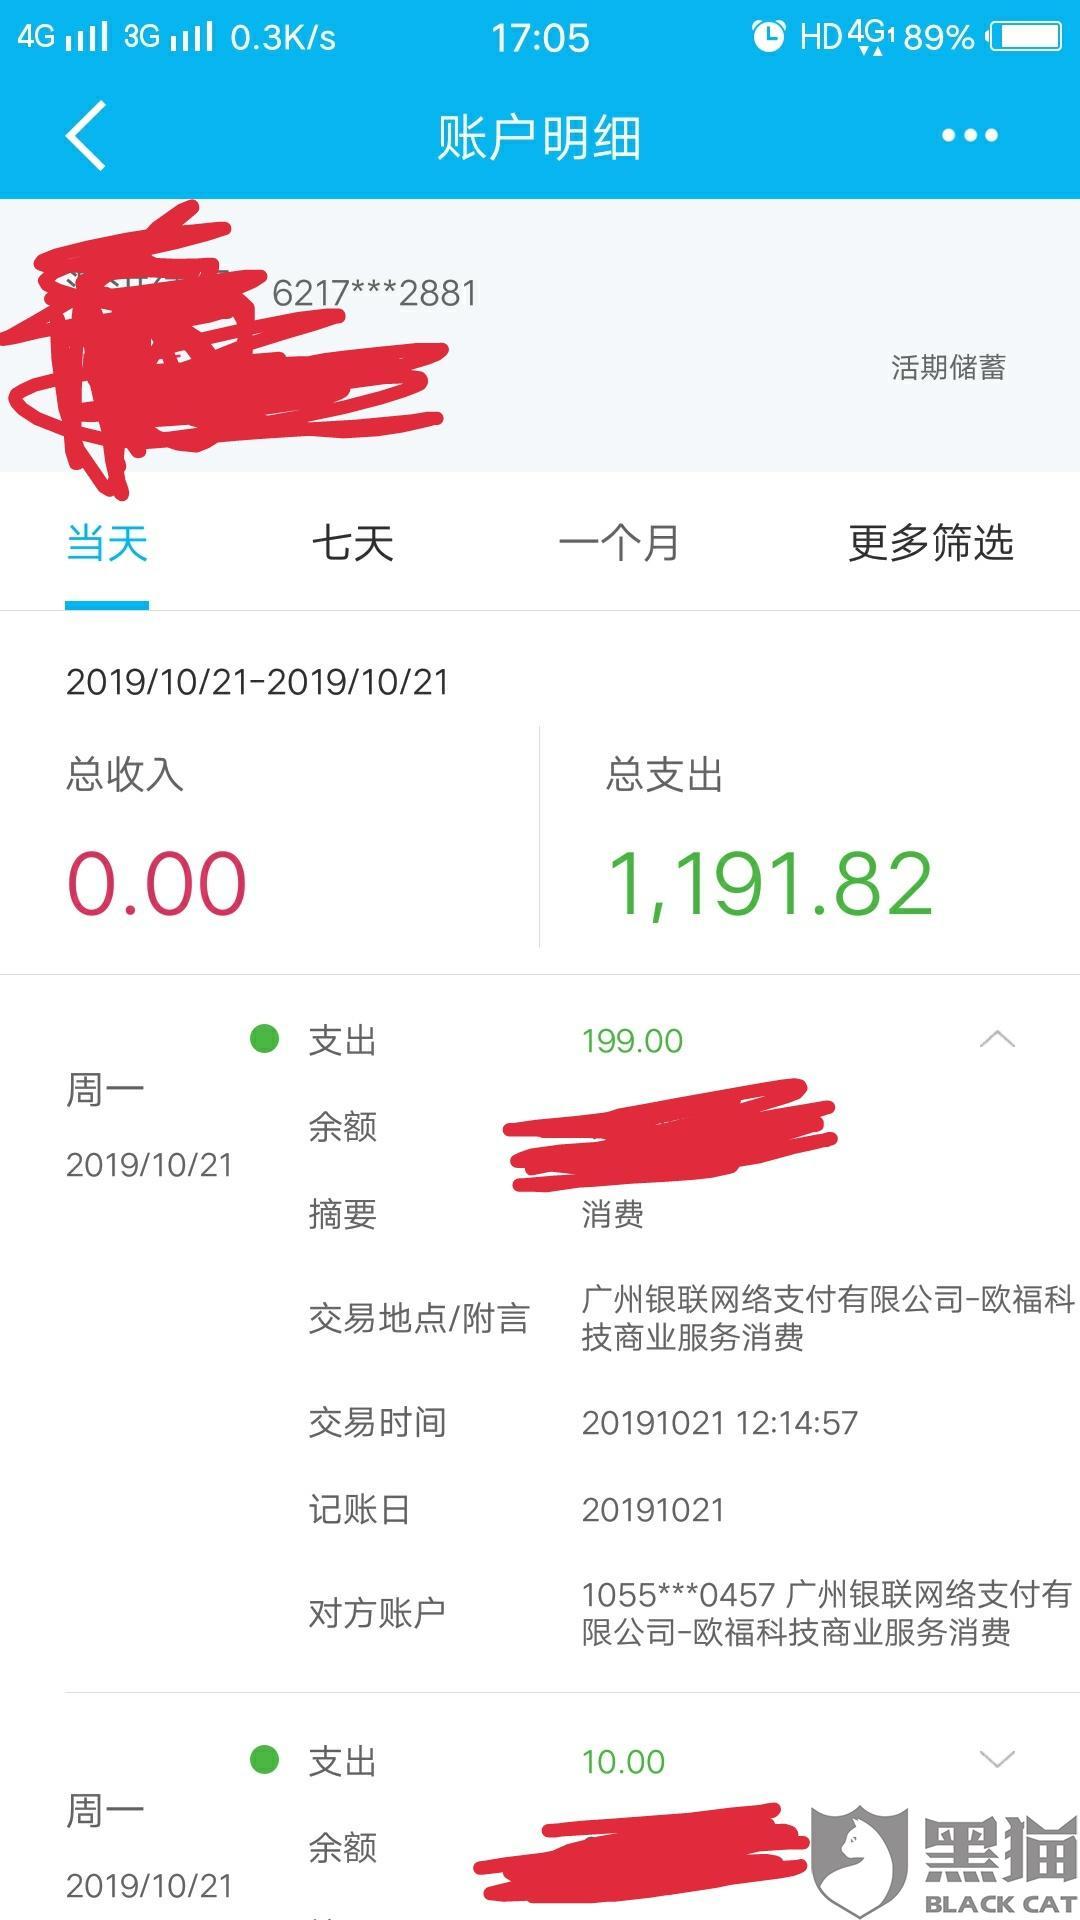 黑猫投诉:广州银联网络支付有限公司